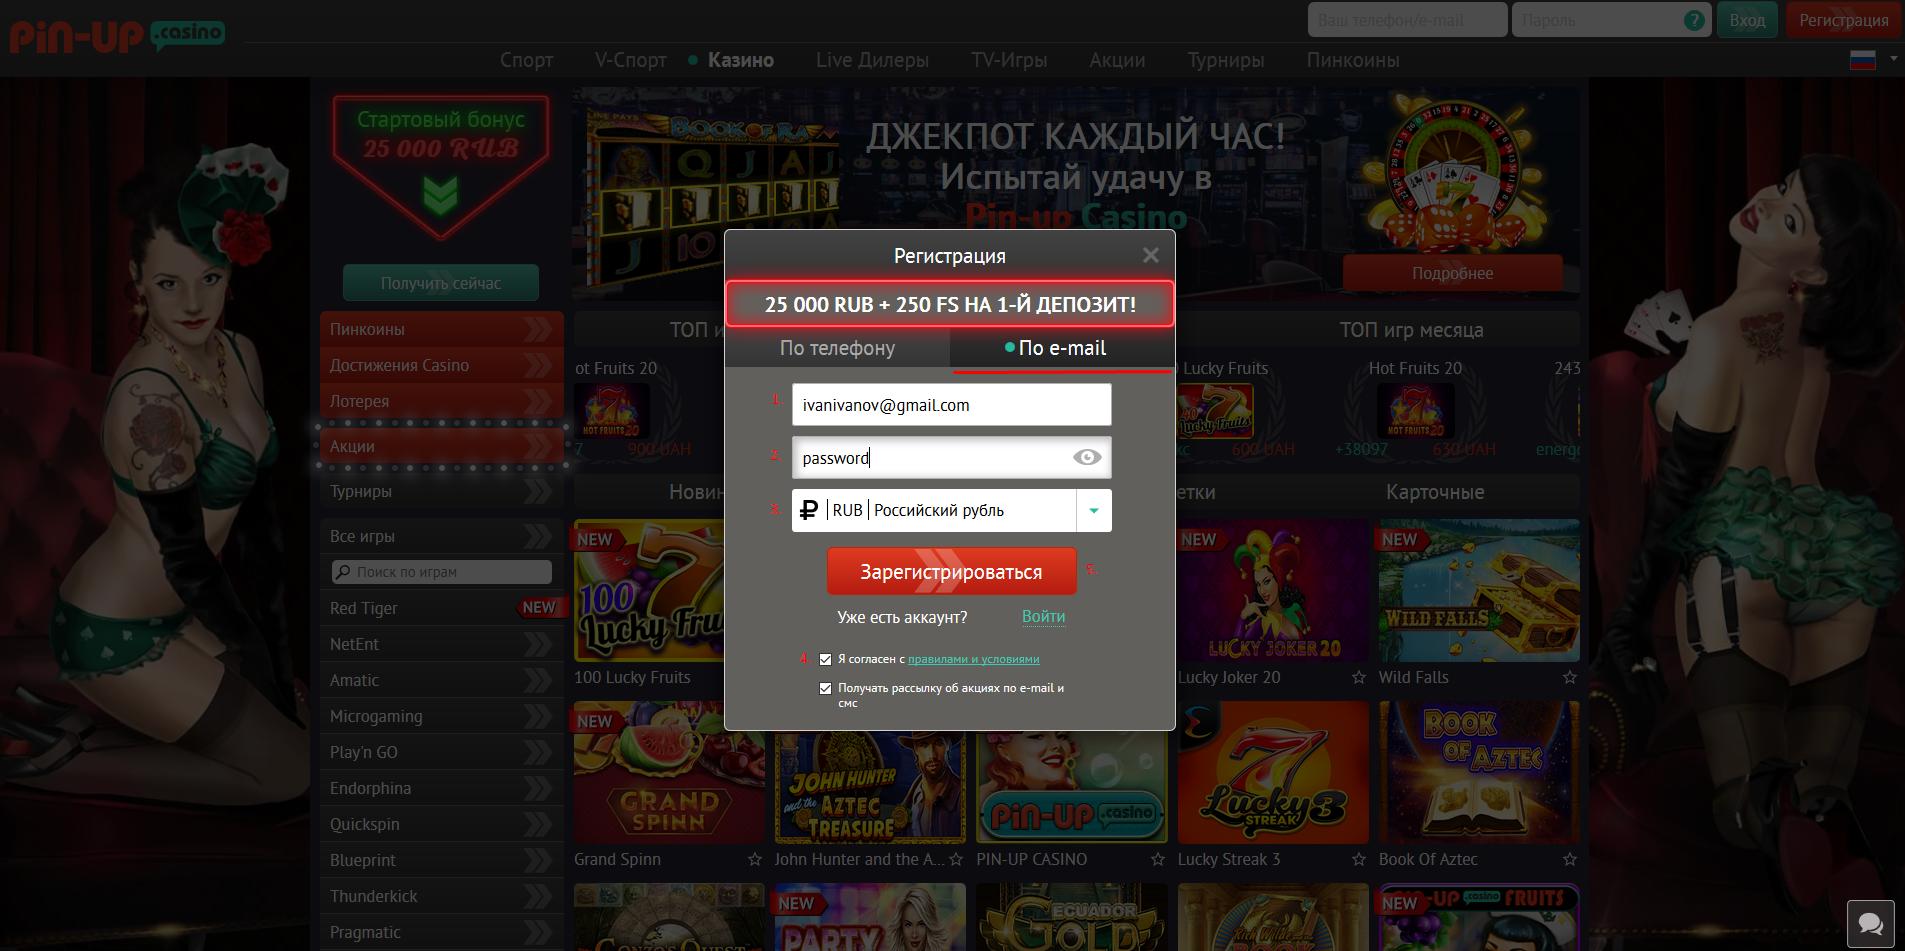 Регистрация в онлайн казино по электронной почте